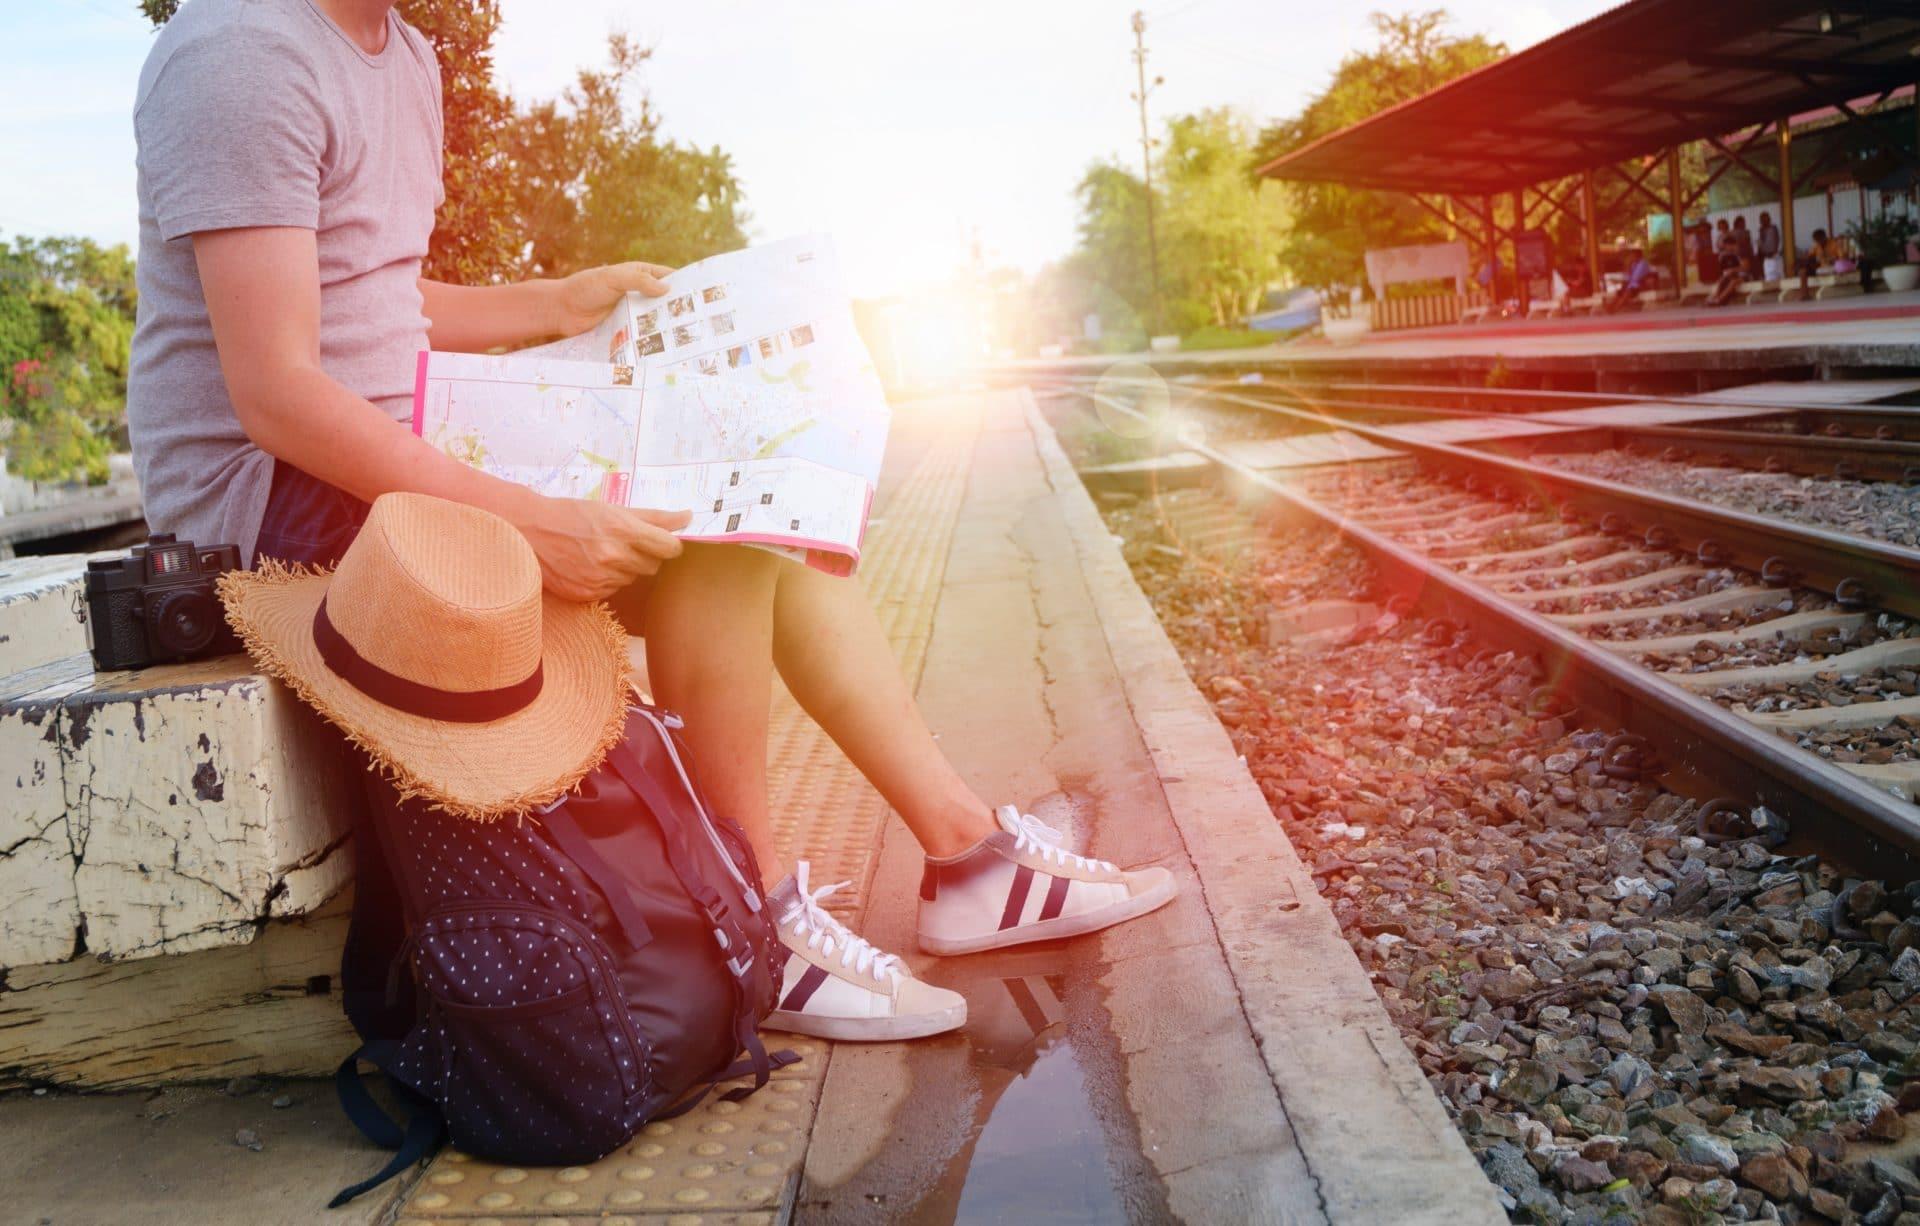 Que faut-il emporter quand on veut voyager léger?